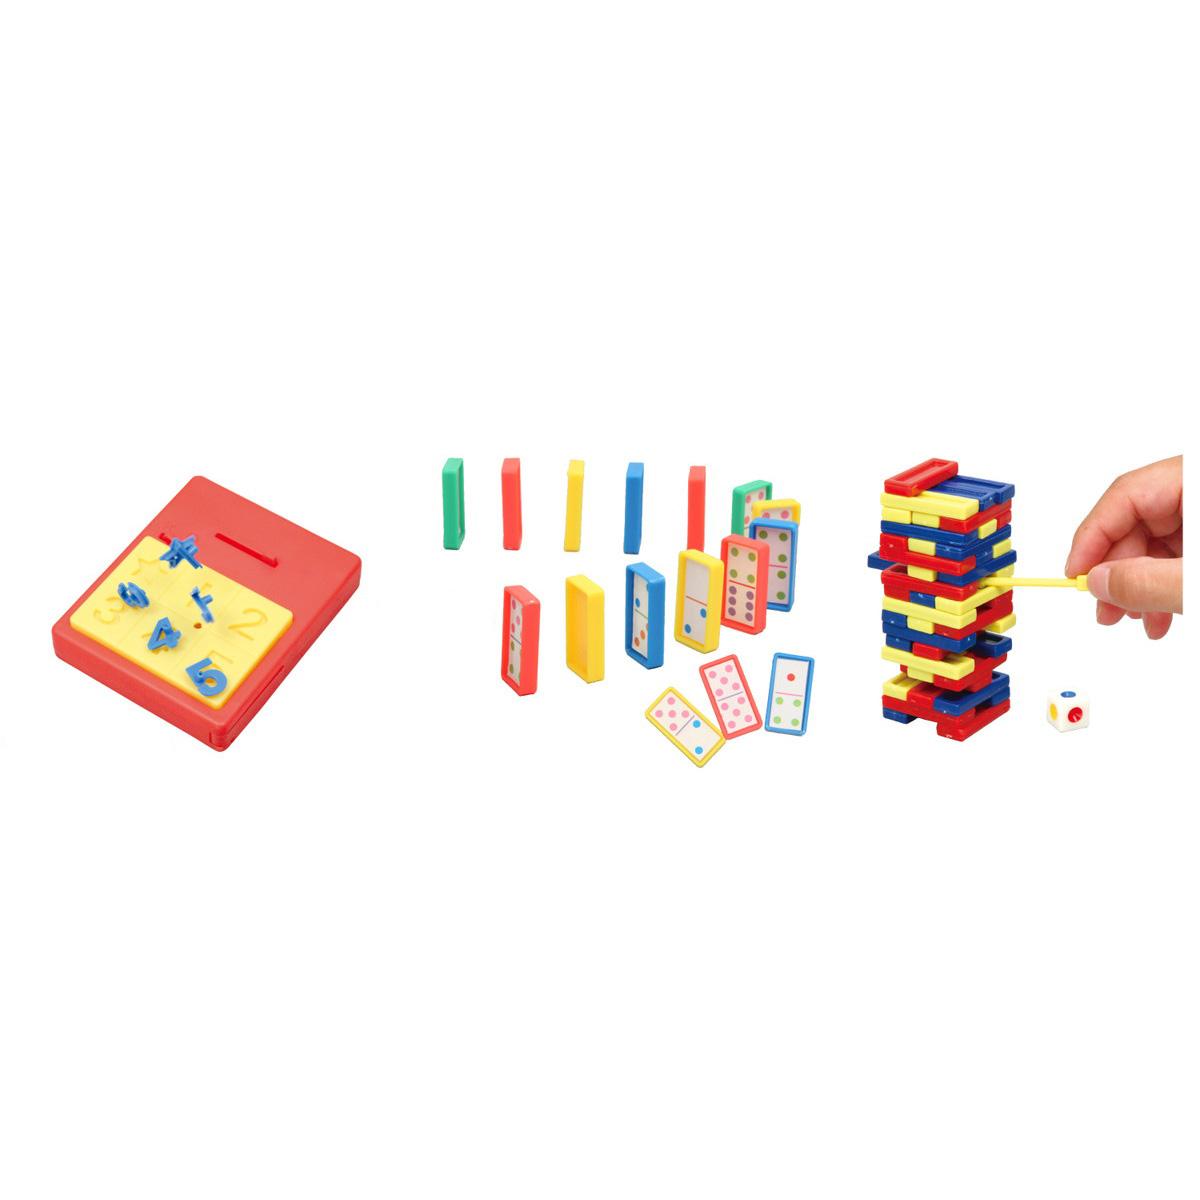 ゲームわくわくセット[ポーチ入] 知育玩具 ゲーム おもちゃ 子供 キッズ クリスマスプレゼント